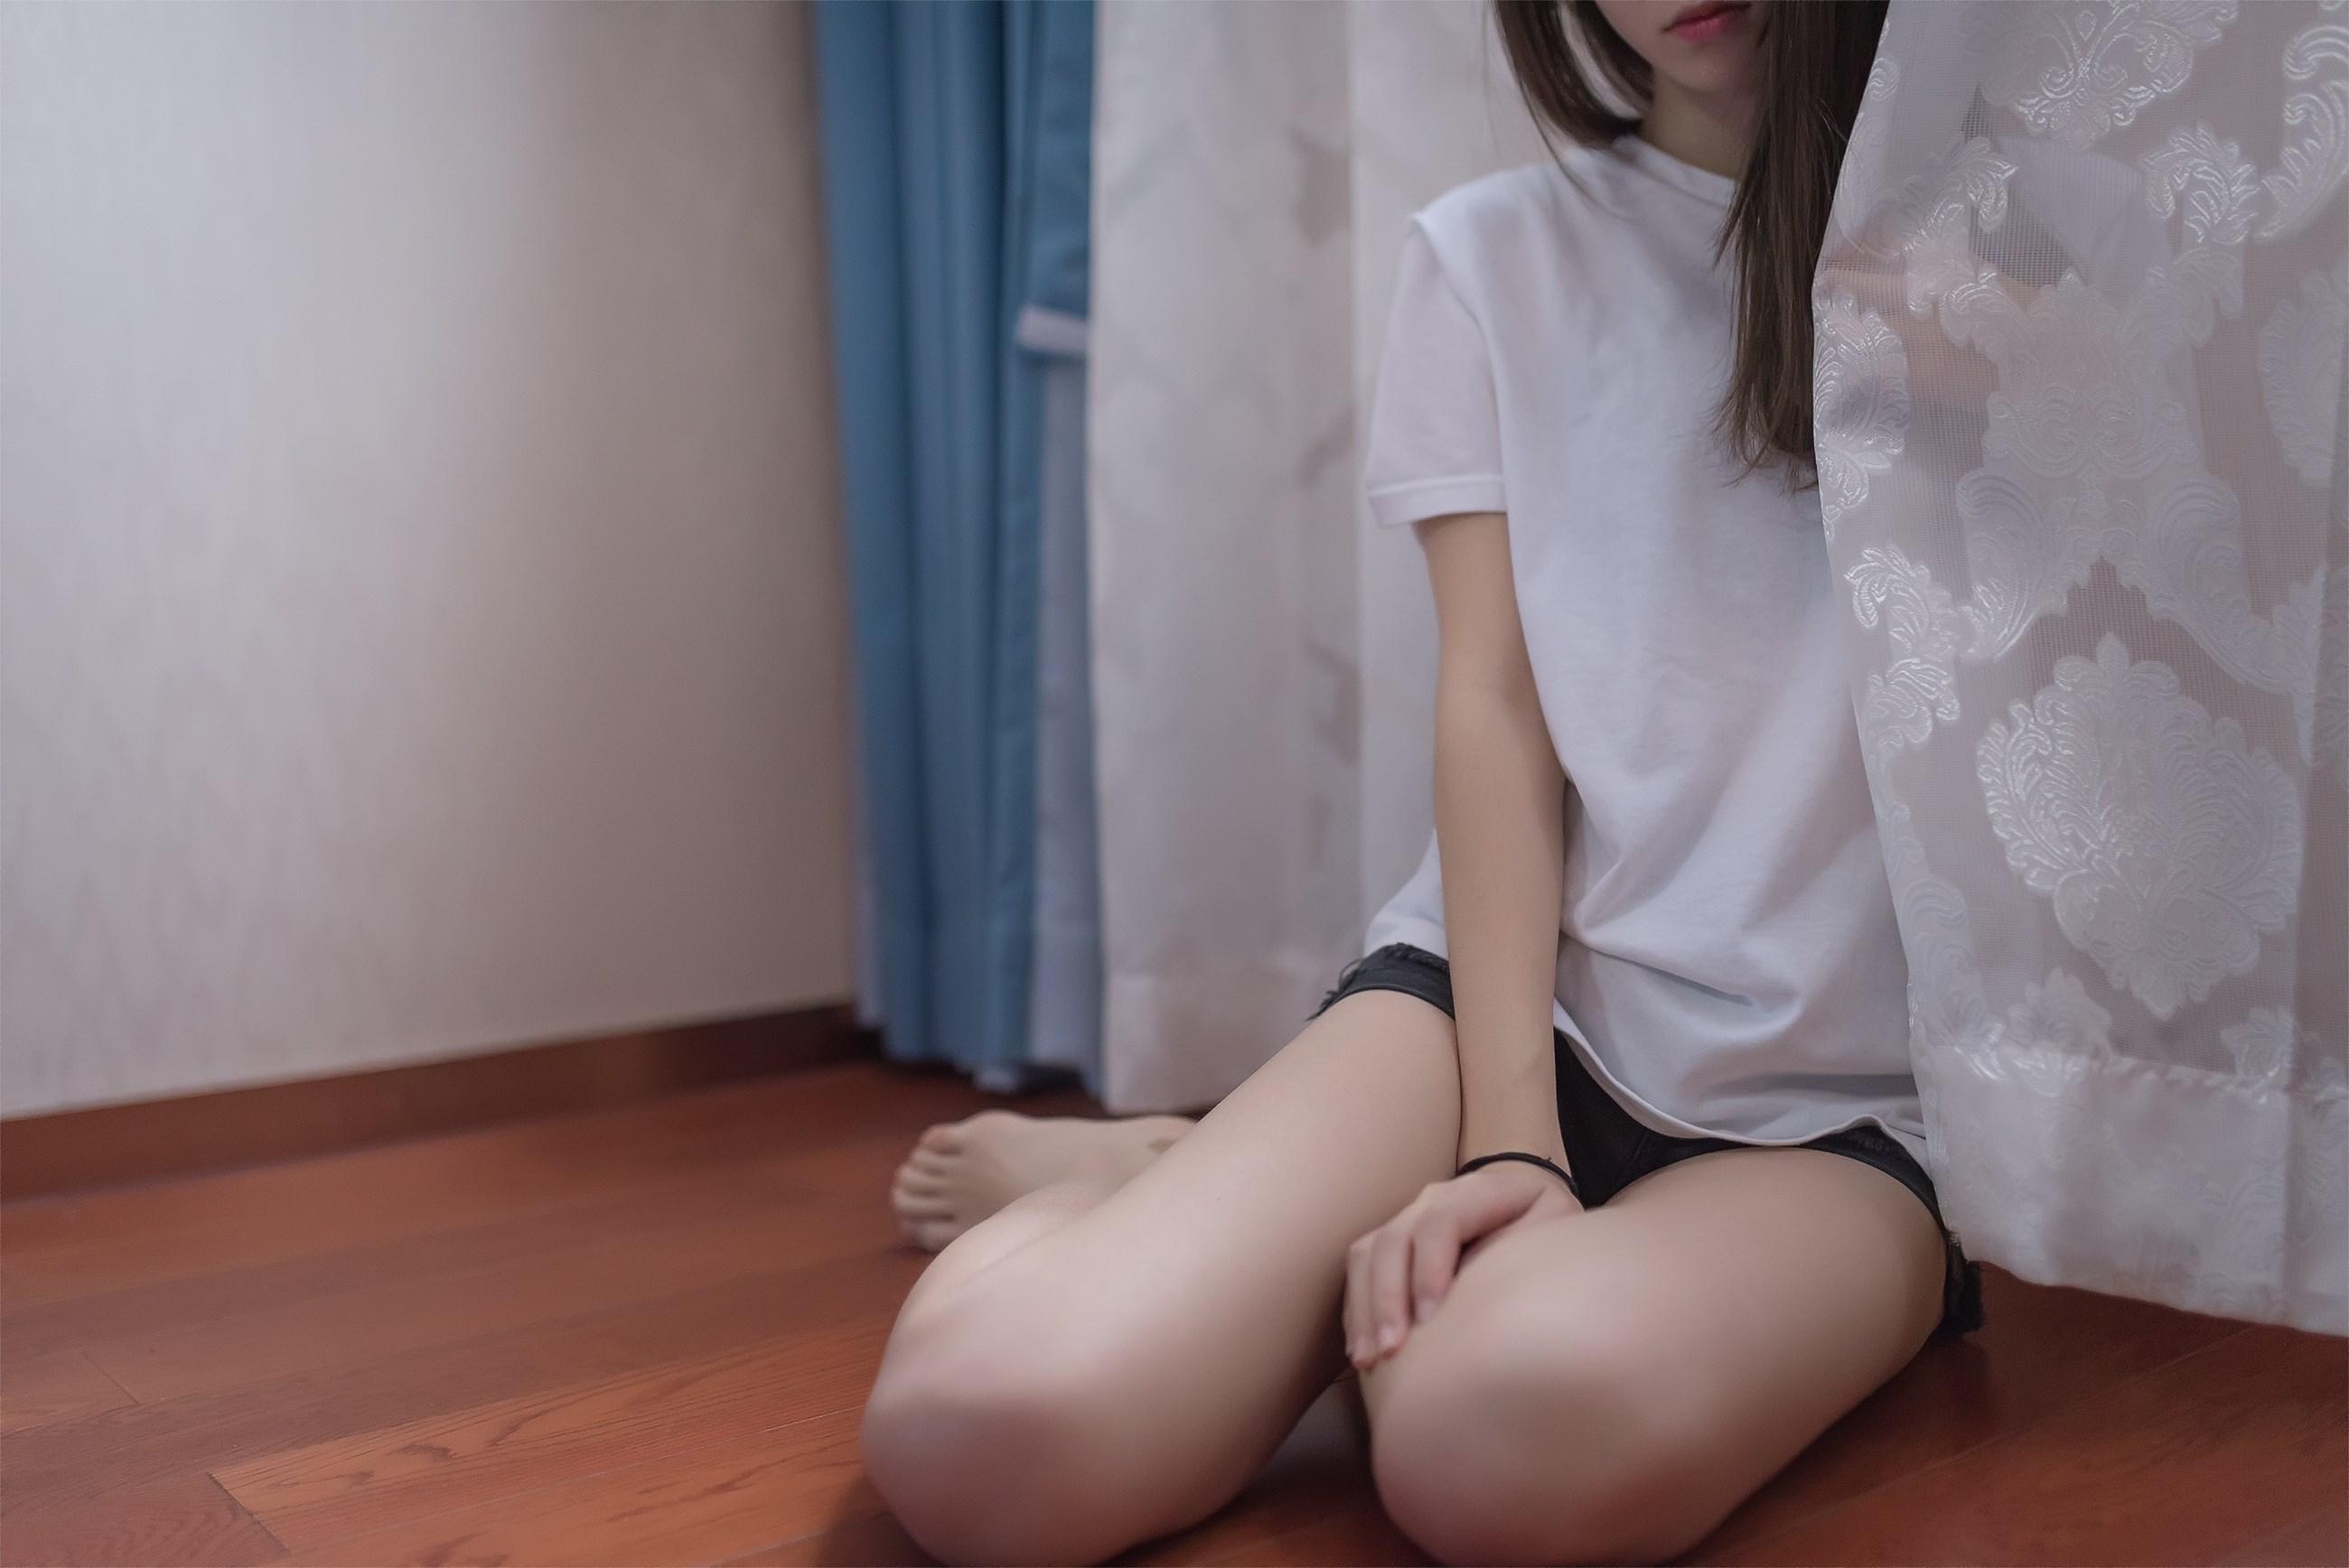 【兔玩映画】果腿少女 兔玩映画 第42张